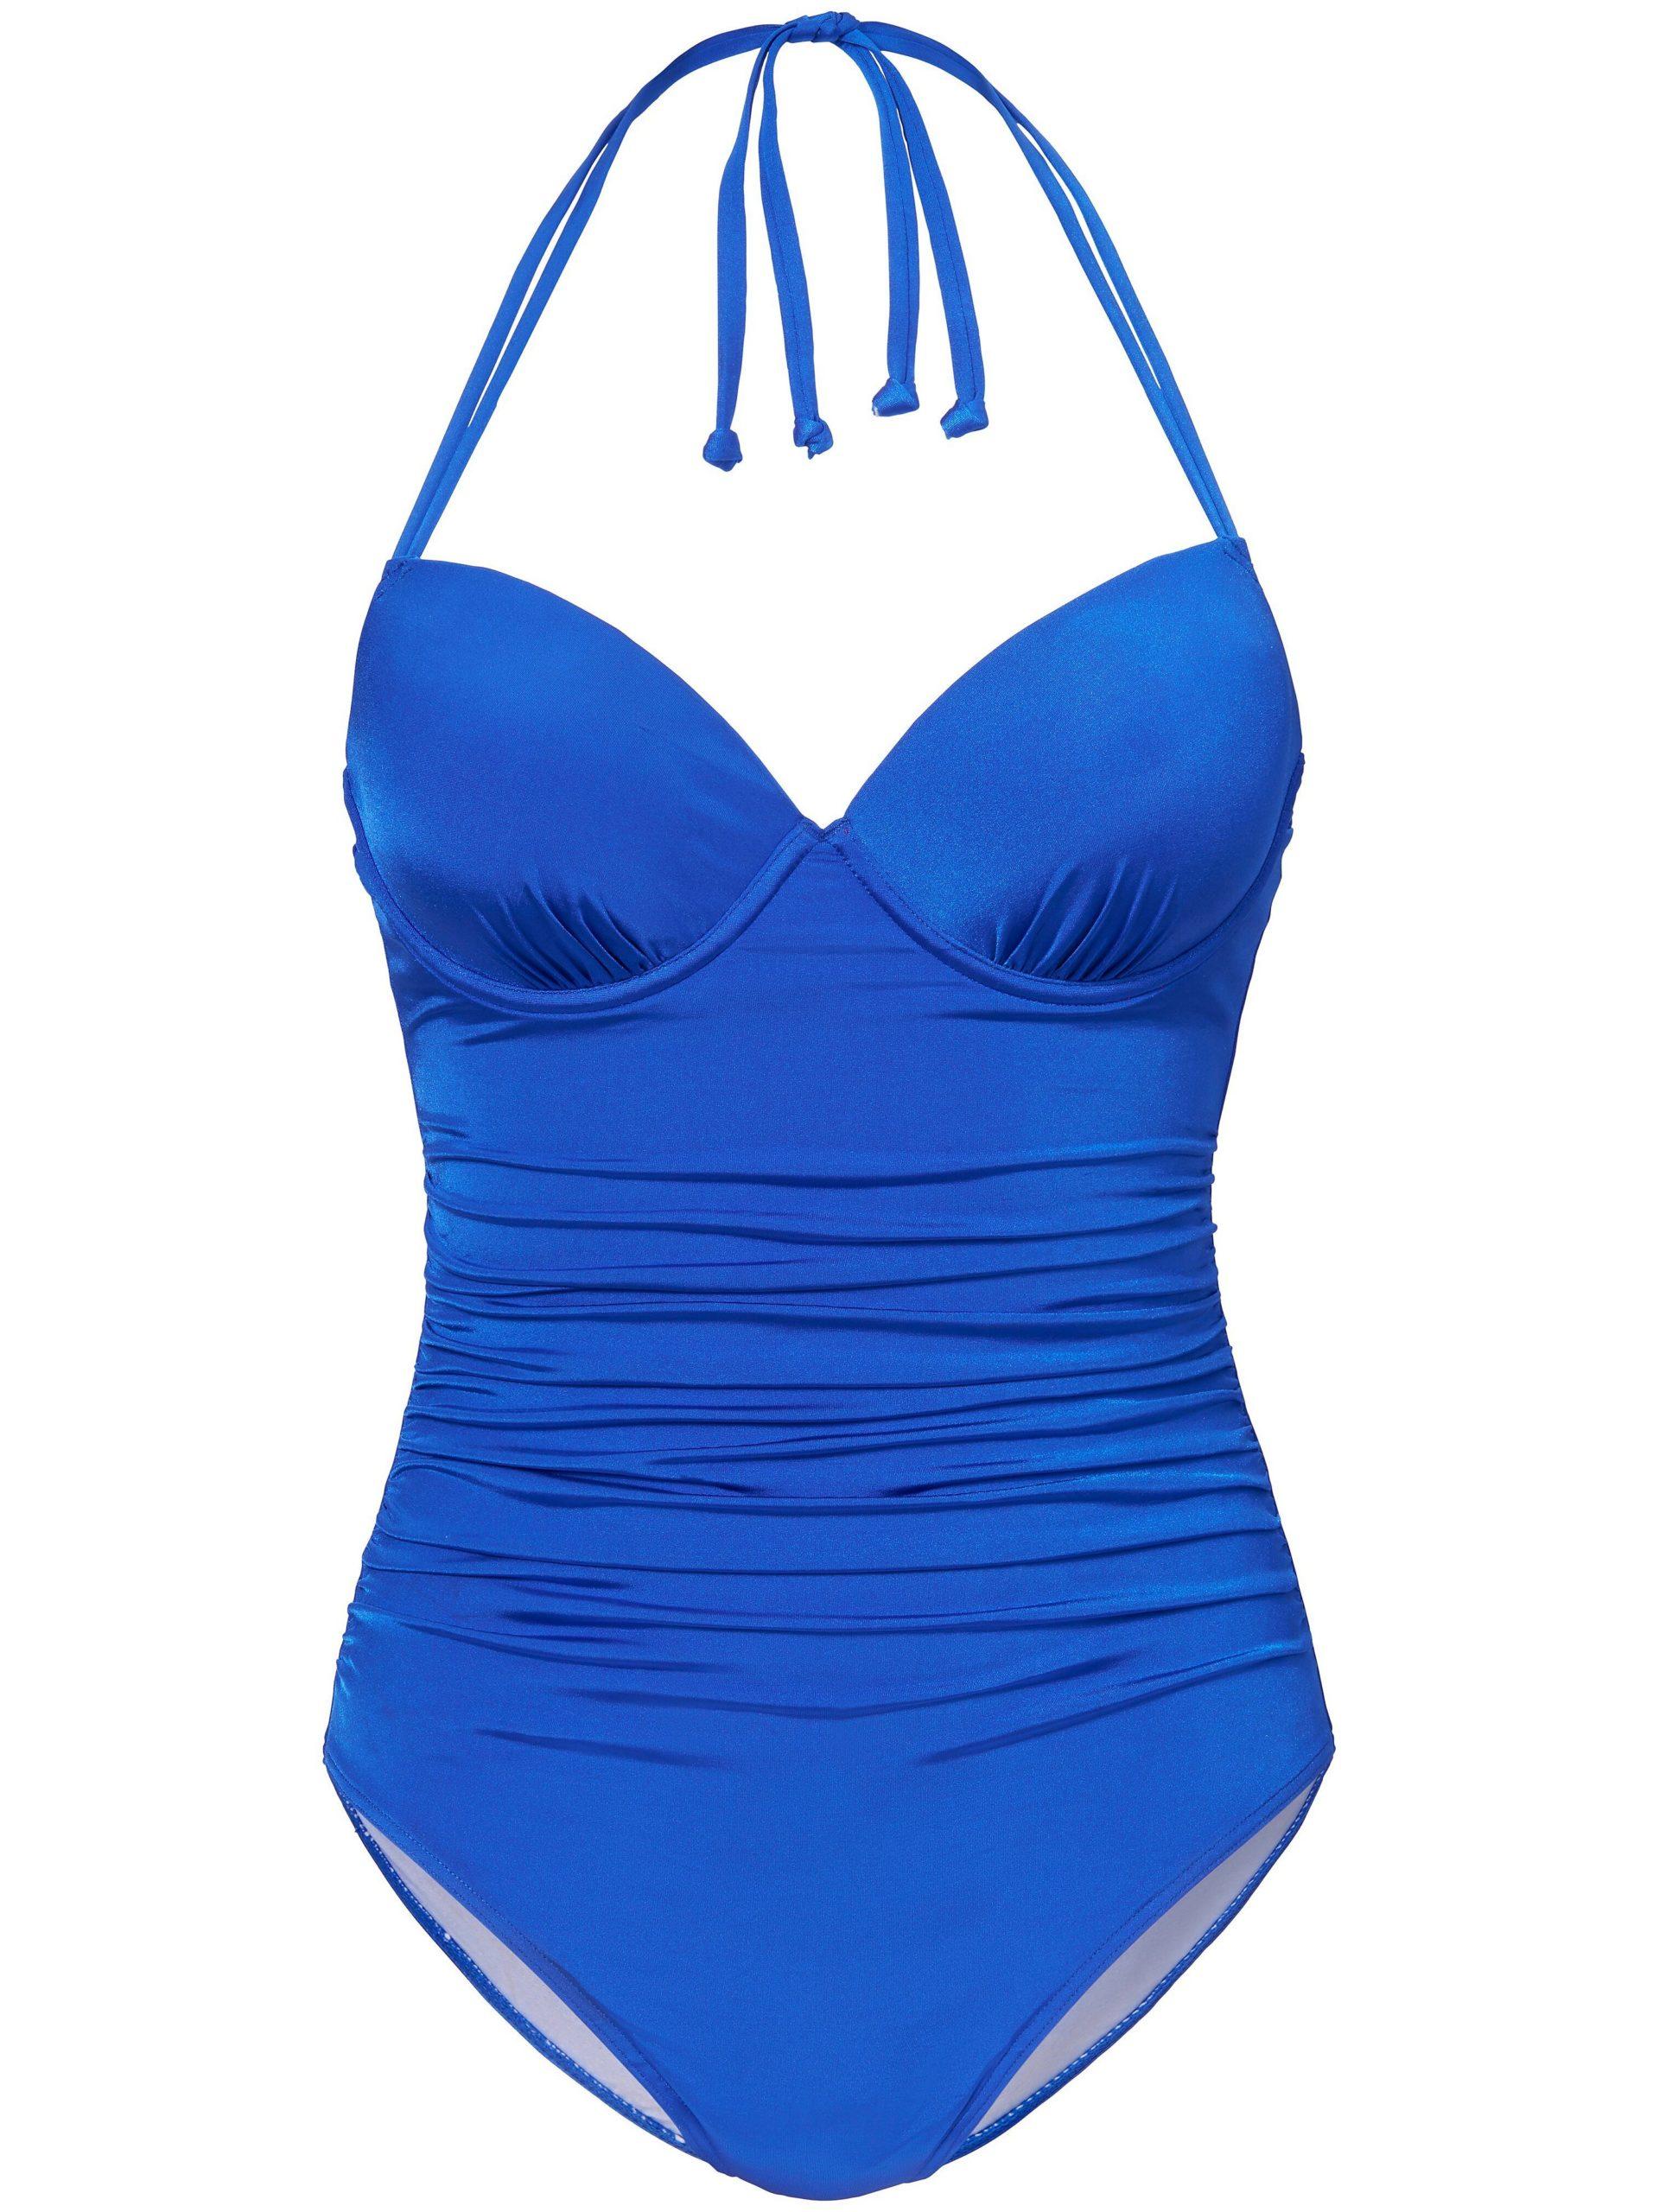 Badpak Van Susa blauw Kopen